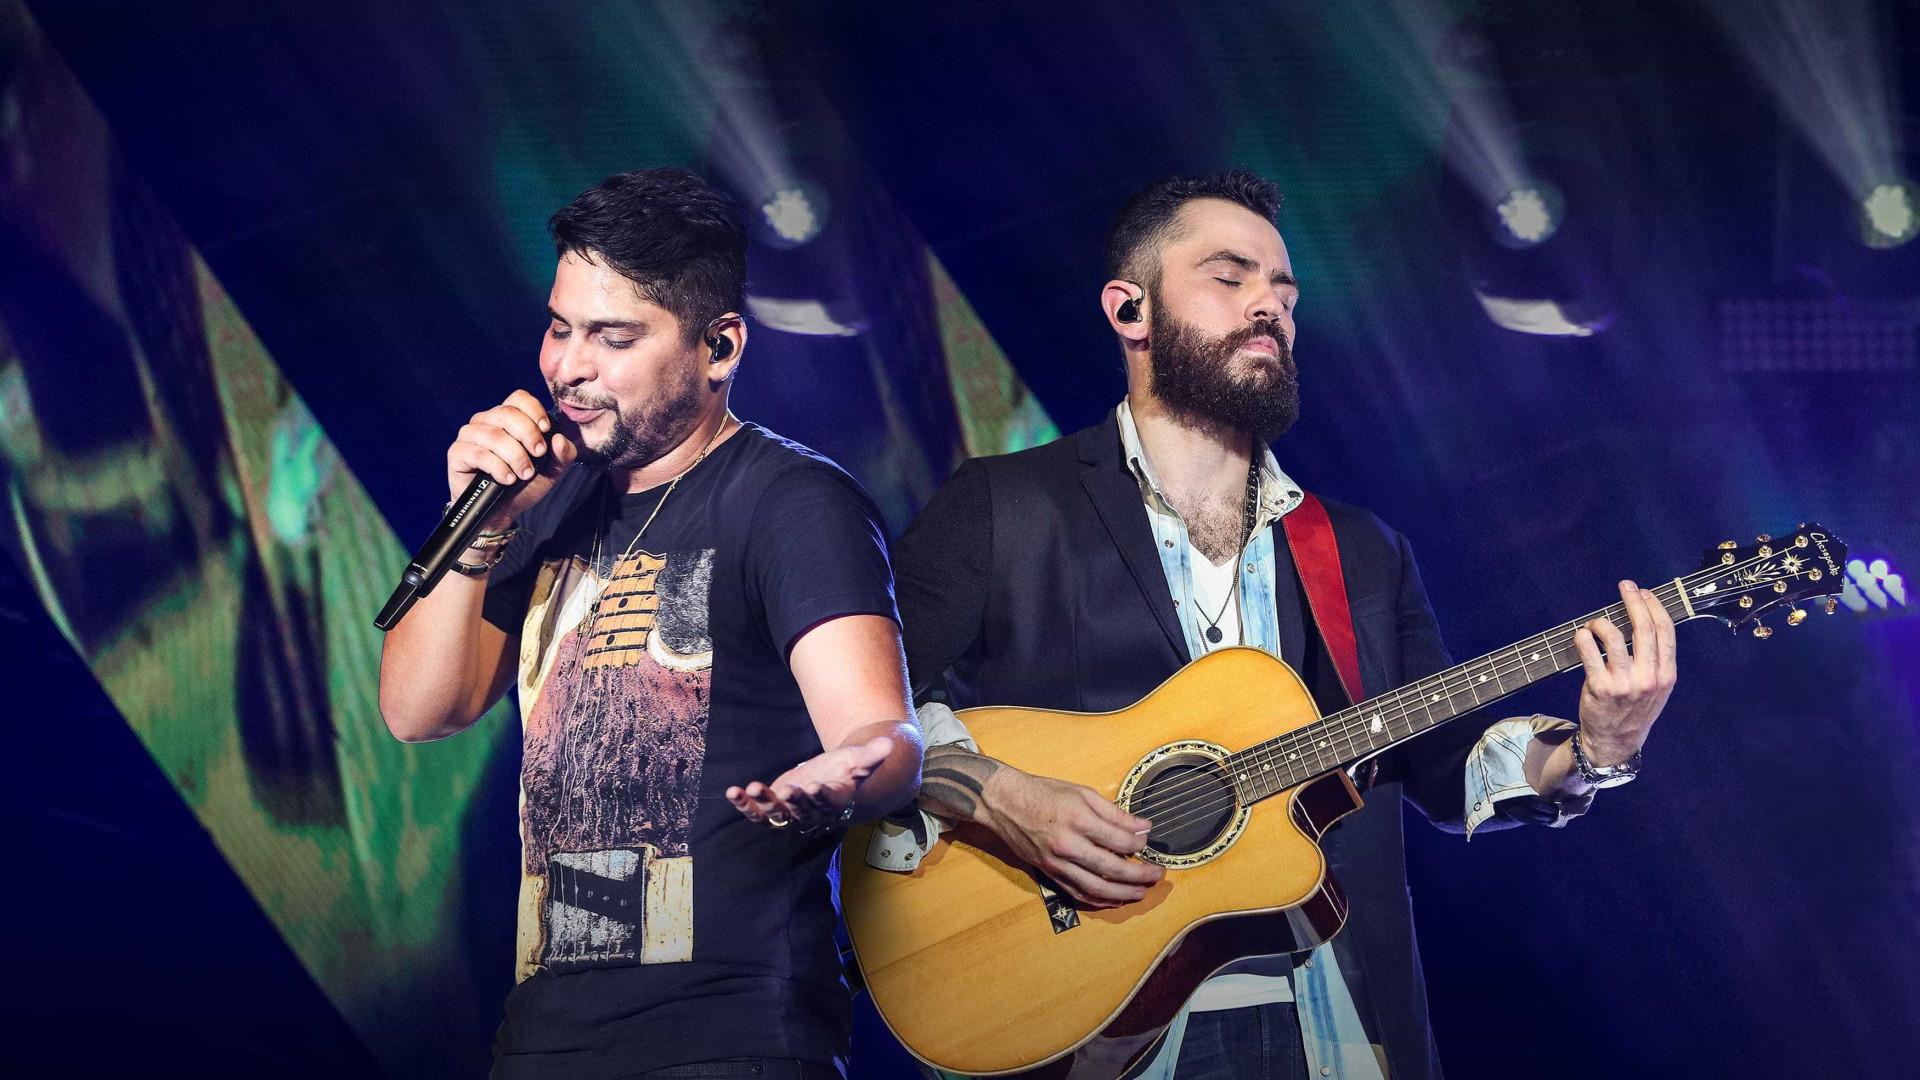 Jorge e Mateus discutem no palco durante show; assista